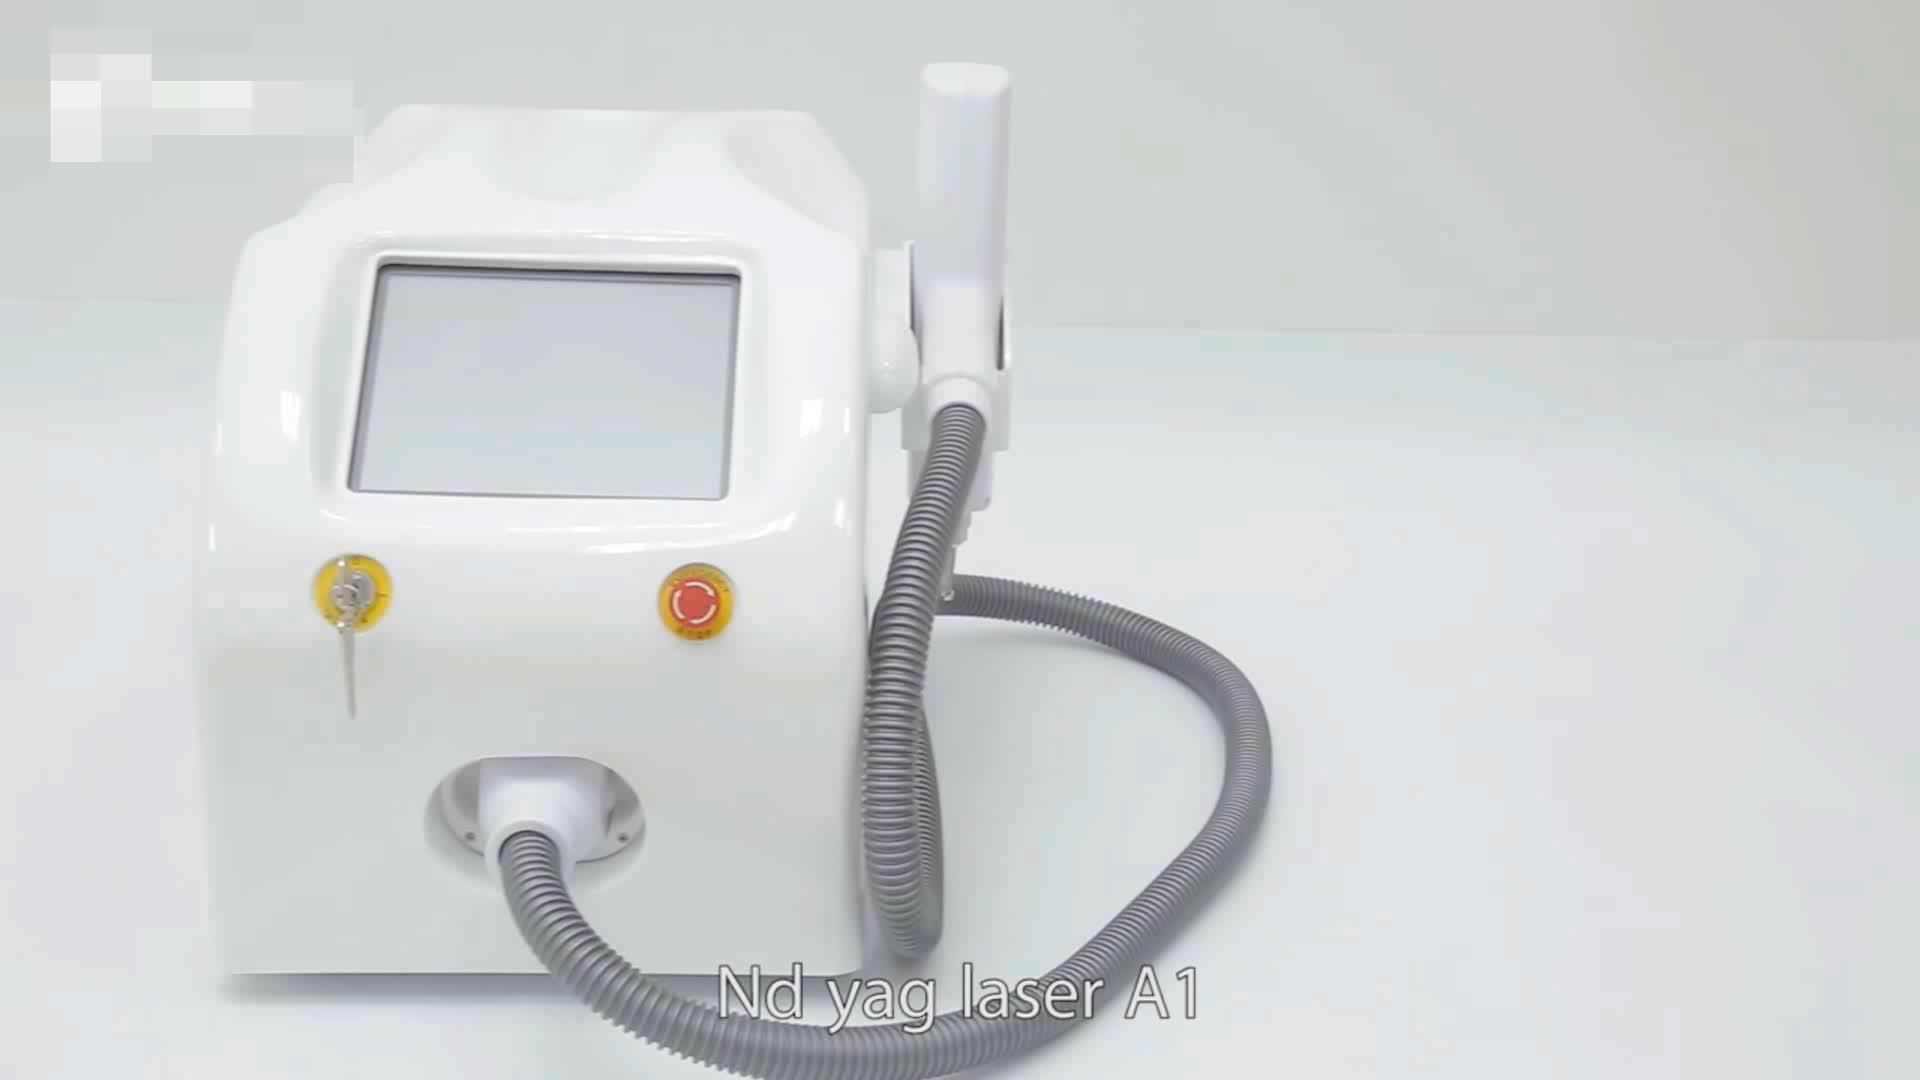 Nd yag laser sobrancelha lavagem/máquina de remoção de tatuagem a laser/fabricante